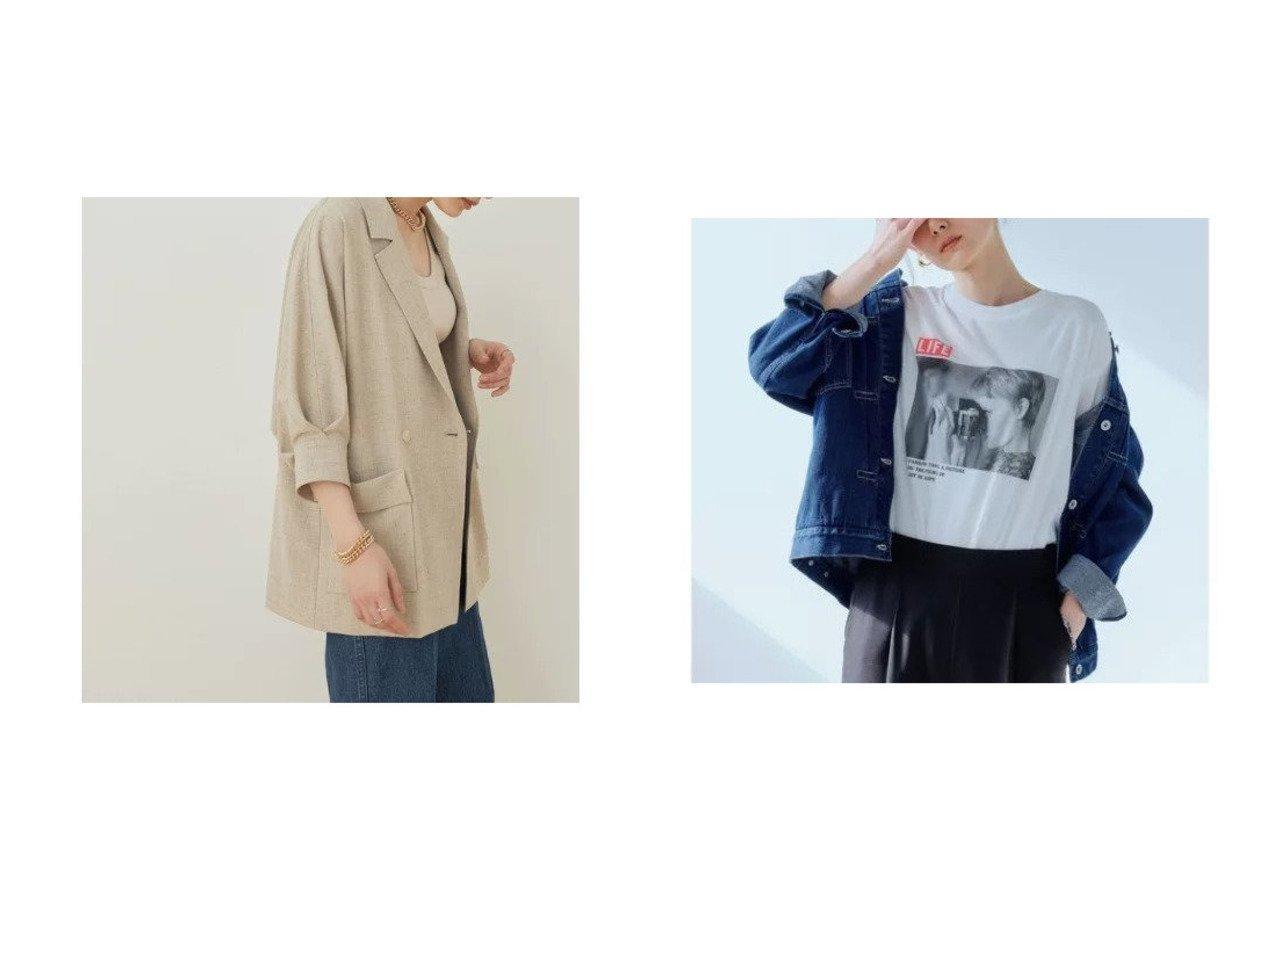 【ADAM ET ROPE'/アダム エ ロペ】のドルマンシャツジャケット&【green label relaxing / UNITED ARROWS/グリーンレーベル リラクシング / ユナイテッドアローズ】のSC デニム ガーメントダイ チノ ジャケット 【アウター】おすすめ!人気、トレンド・レディースファッションの通販  おすすめで人気の流行・トレンド、ファッションの通販商品 メンズファッション・キッズファッション・インテリア・家具・レディースファッション・服の通販 founy(ファニー) https://founy.com/ ファッション Fashion レディースファッション WOMEN アウター Coat Outerwear ジャケット Jackets ヴィンテージ 春 Spring 秋 Autumn/Fall コンパクト ジャケット デニム フリンジ ベーシック ルーズ おすすめ Recommend |ID:crp329100000032173